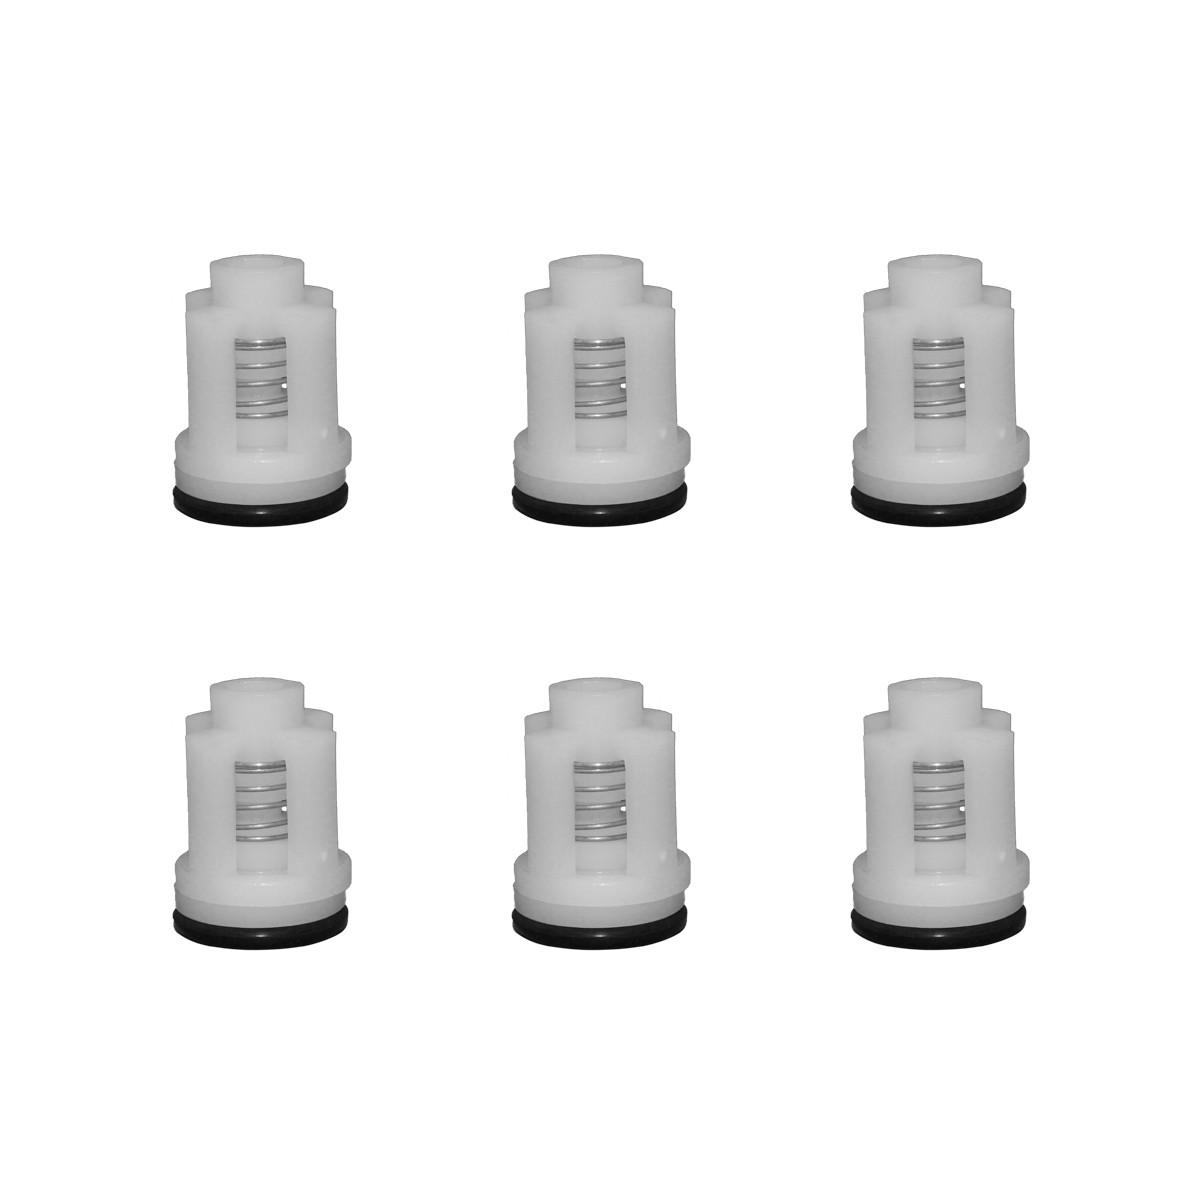 Kit Válvulas para Lavadora Wap Premium, Super, Top, Bravo 6pçs Original